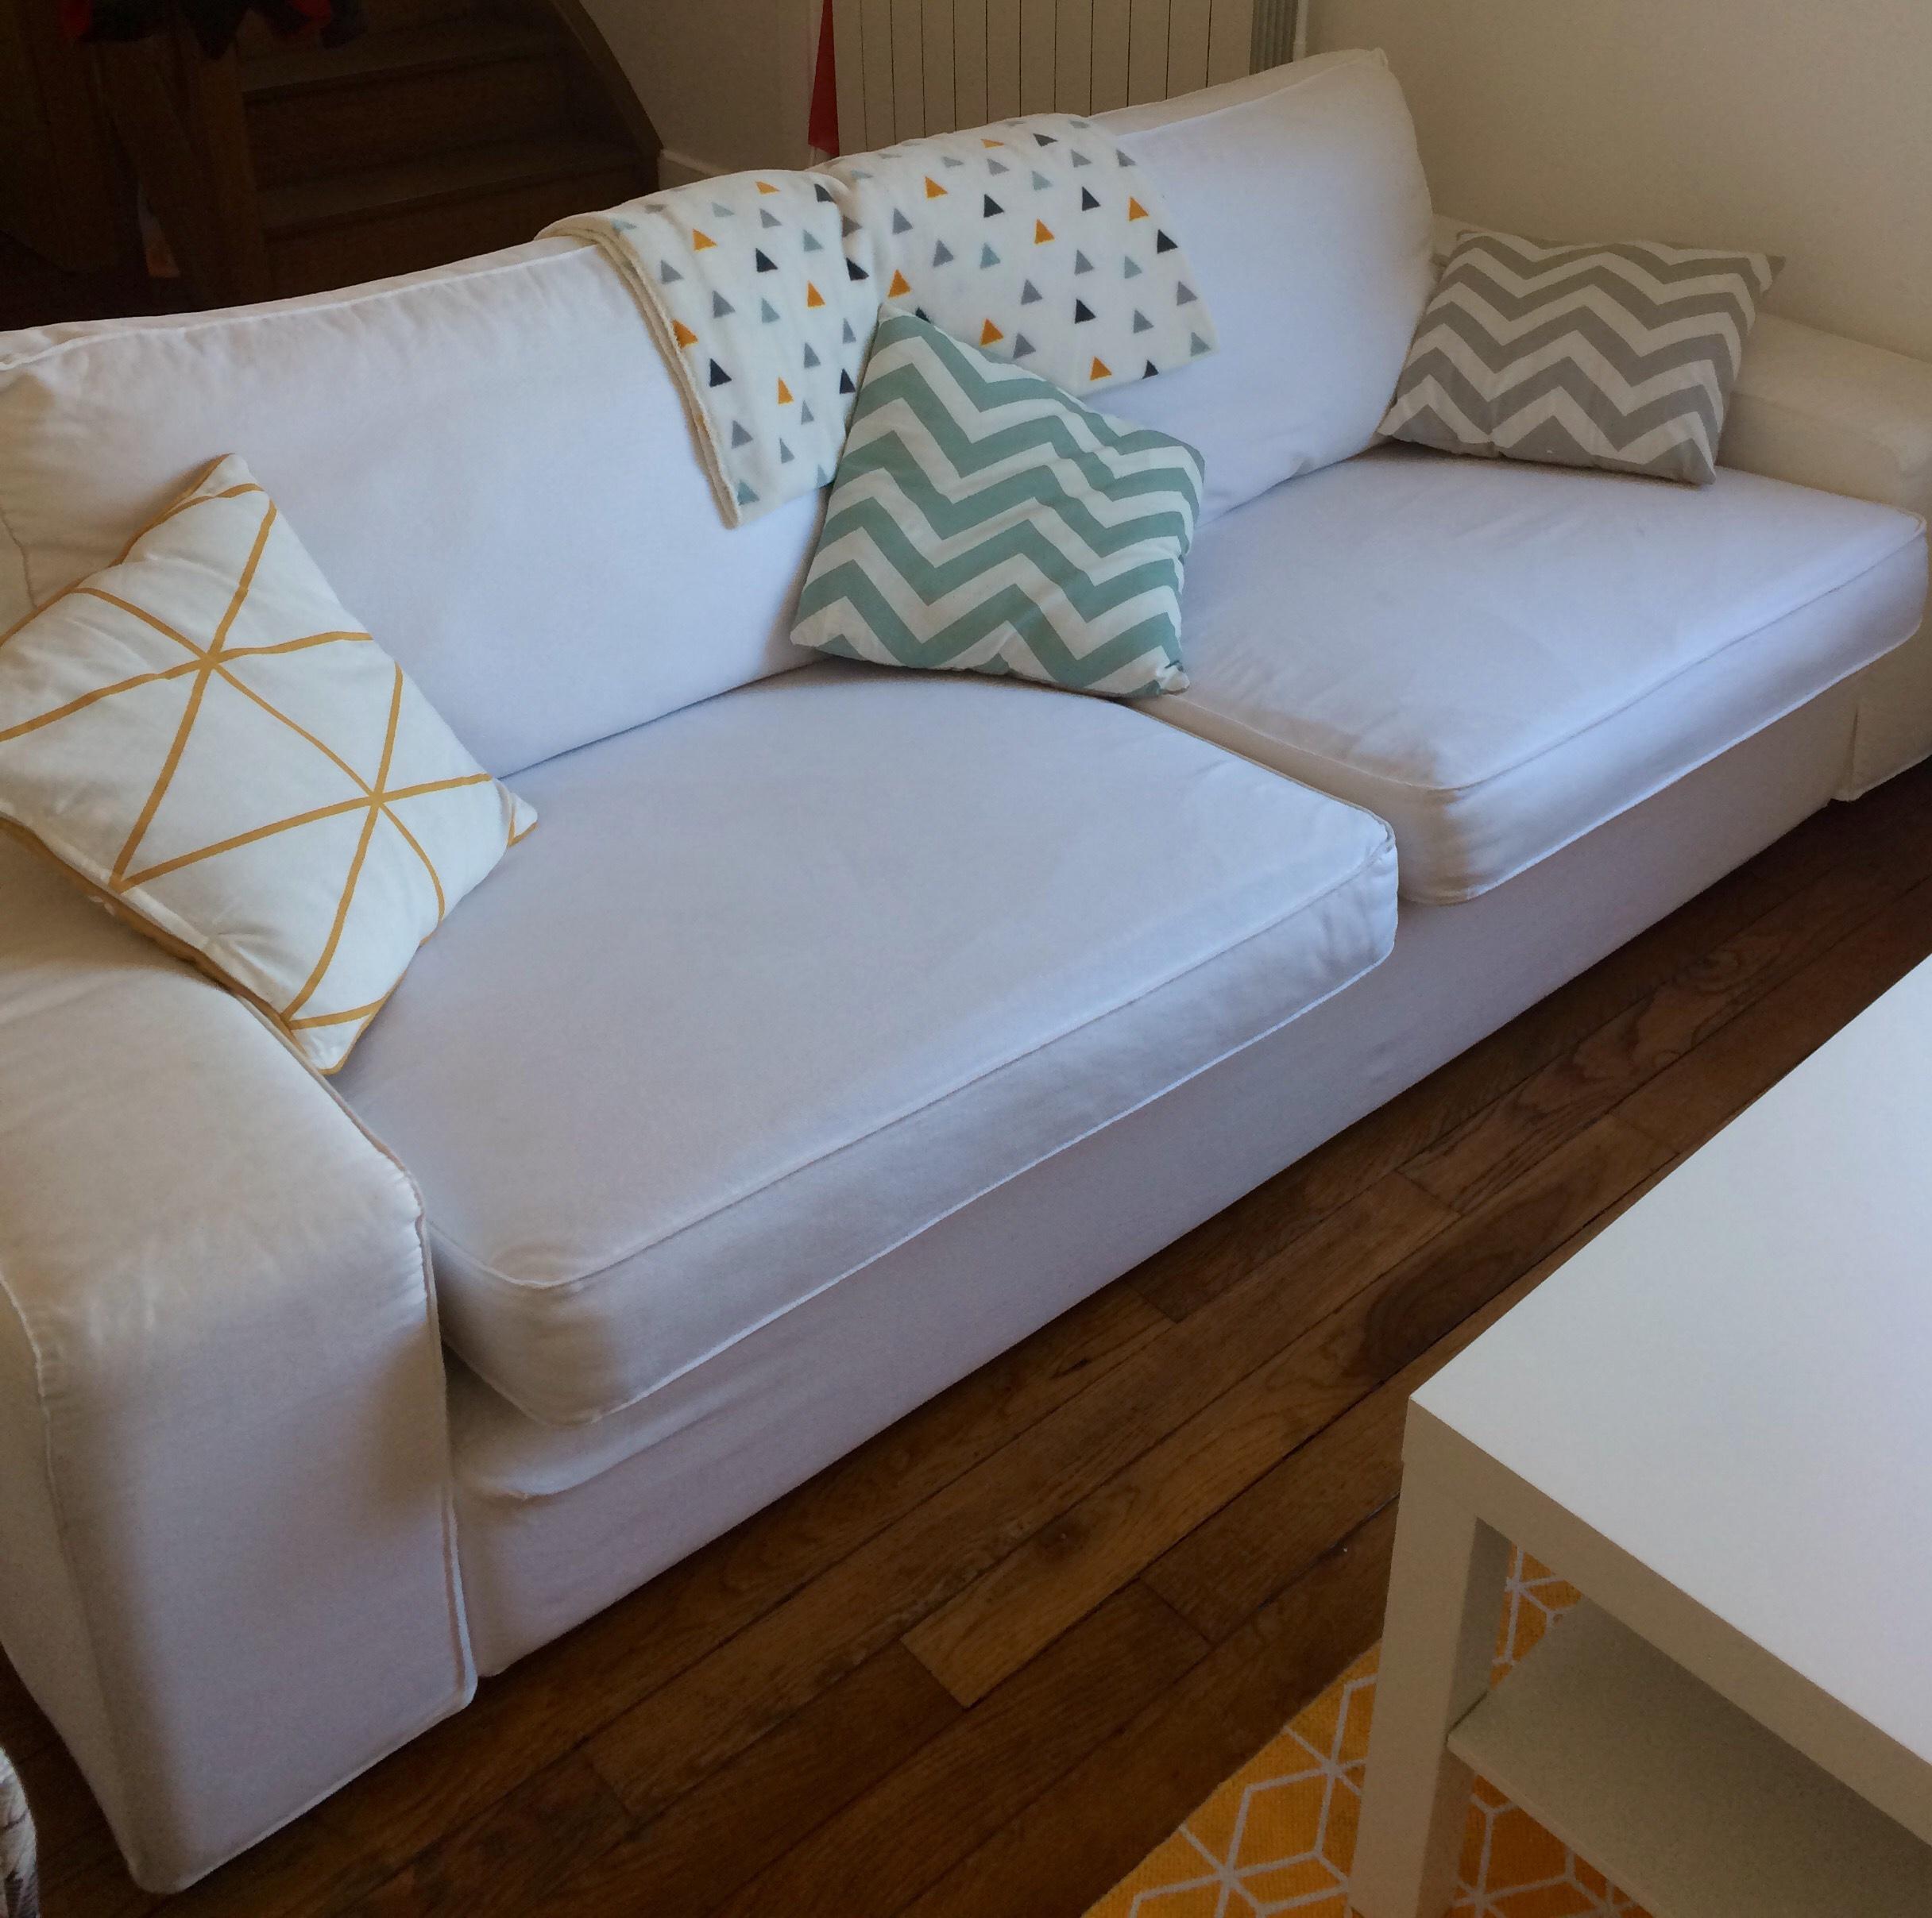 canap s blanc occasion sartrouville 78 annonces achat et vente de canap s blanc paruvendu. Black Bedroom Furniture Sets. Home Design Ideas